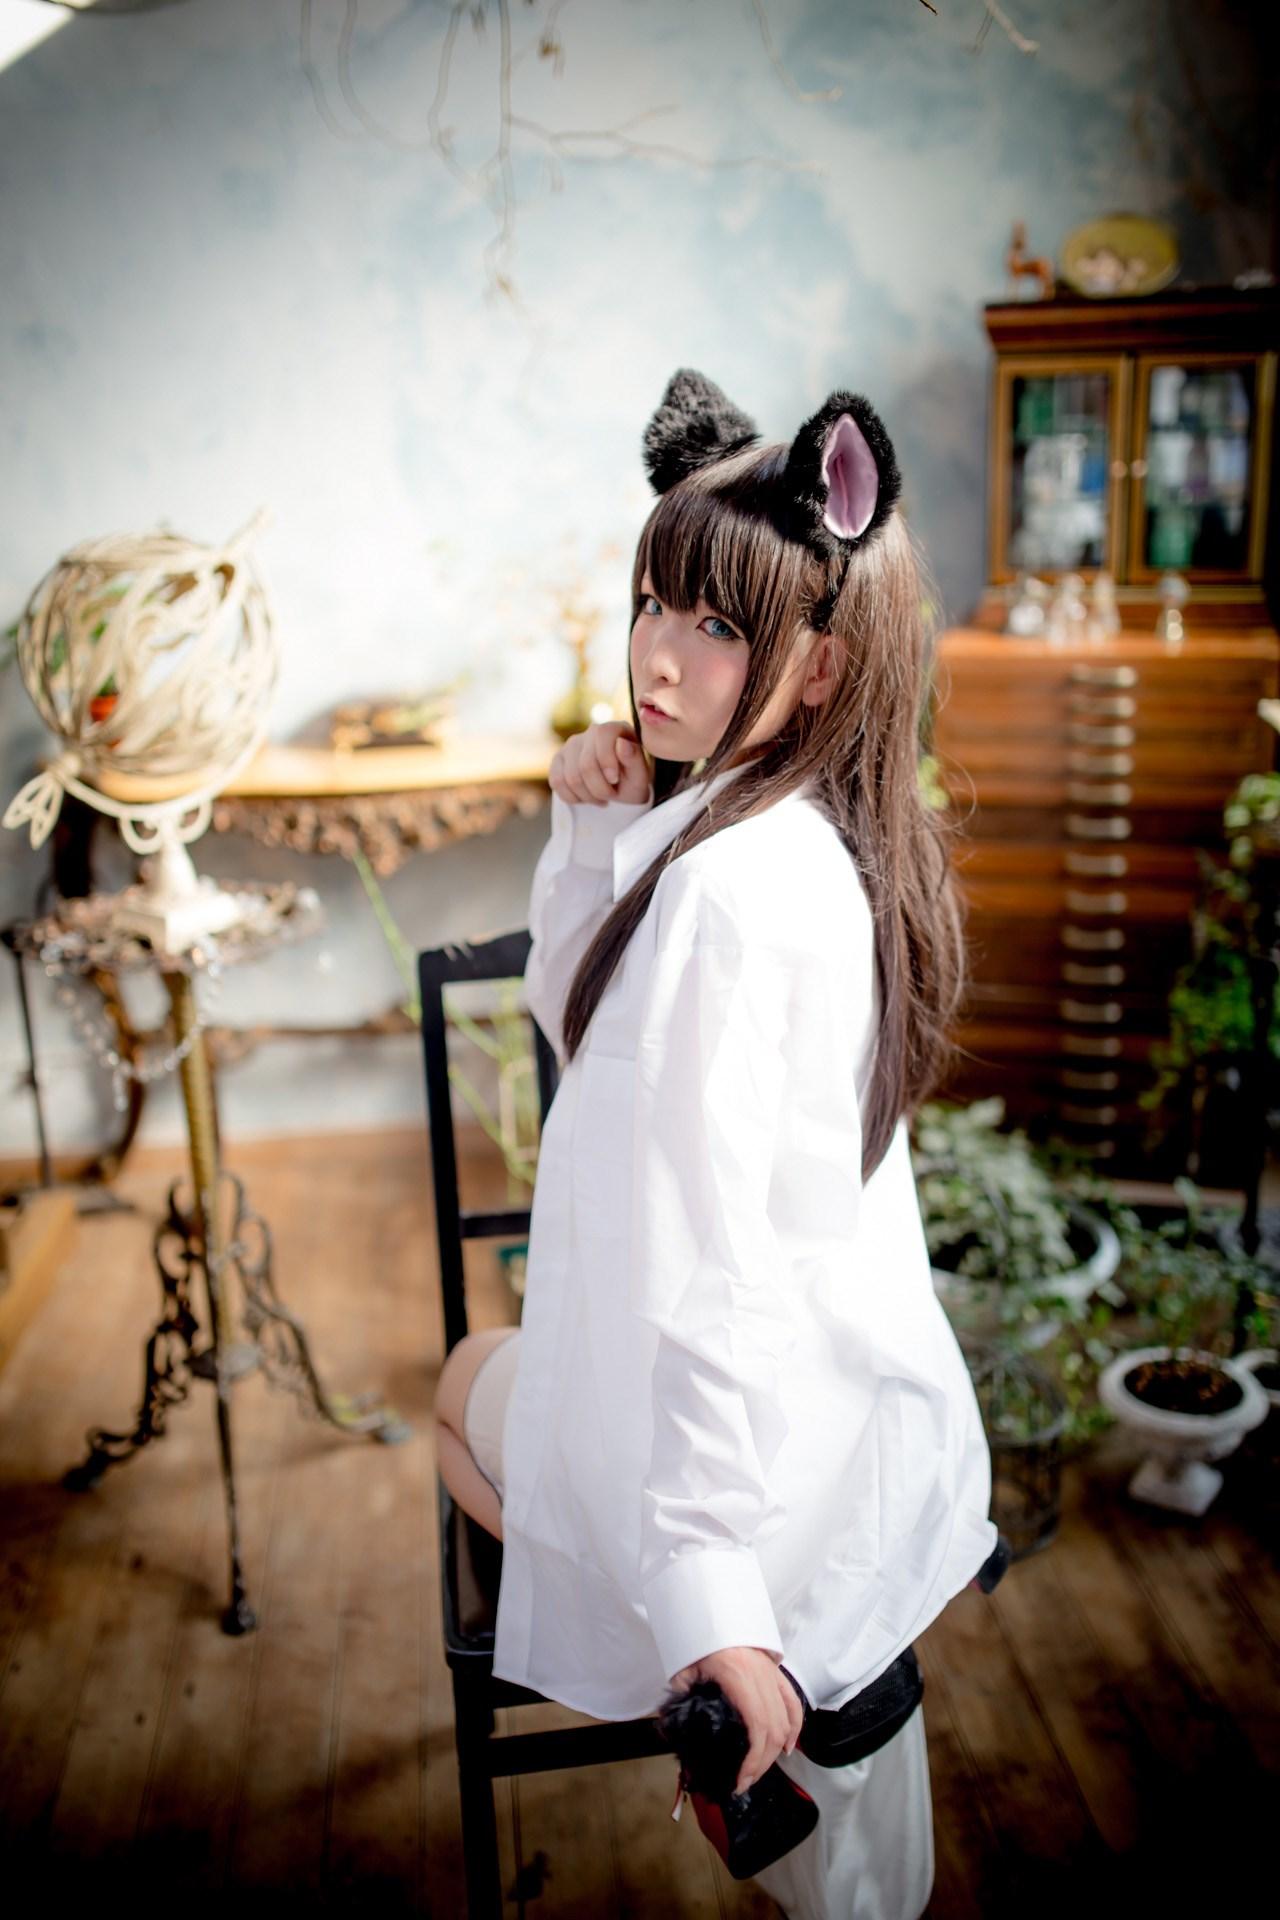 【兔玩映画】猫耳娘 兔玩映画 第21张